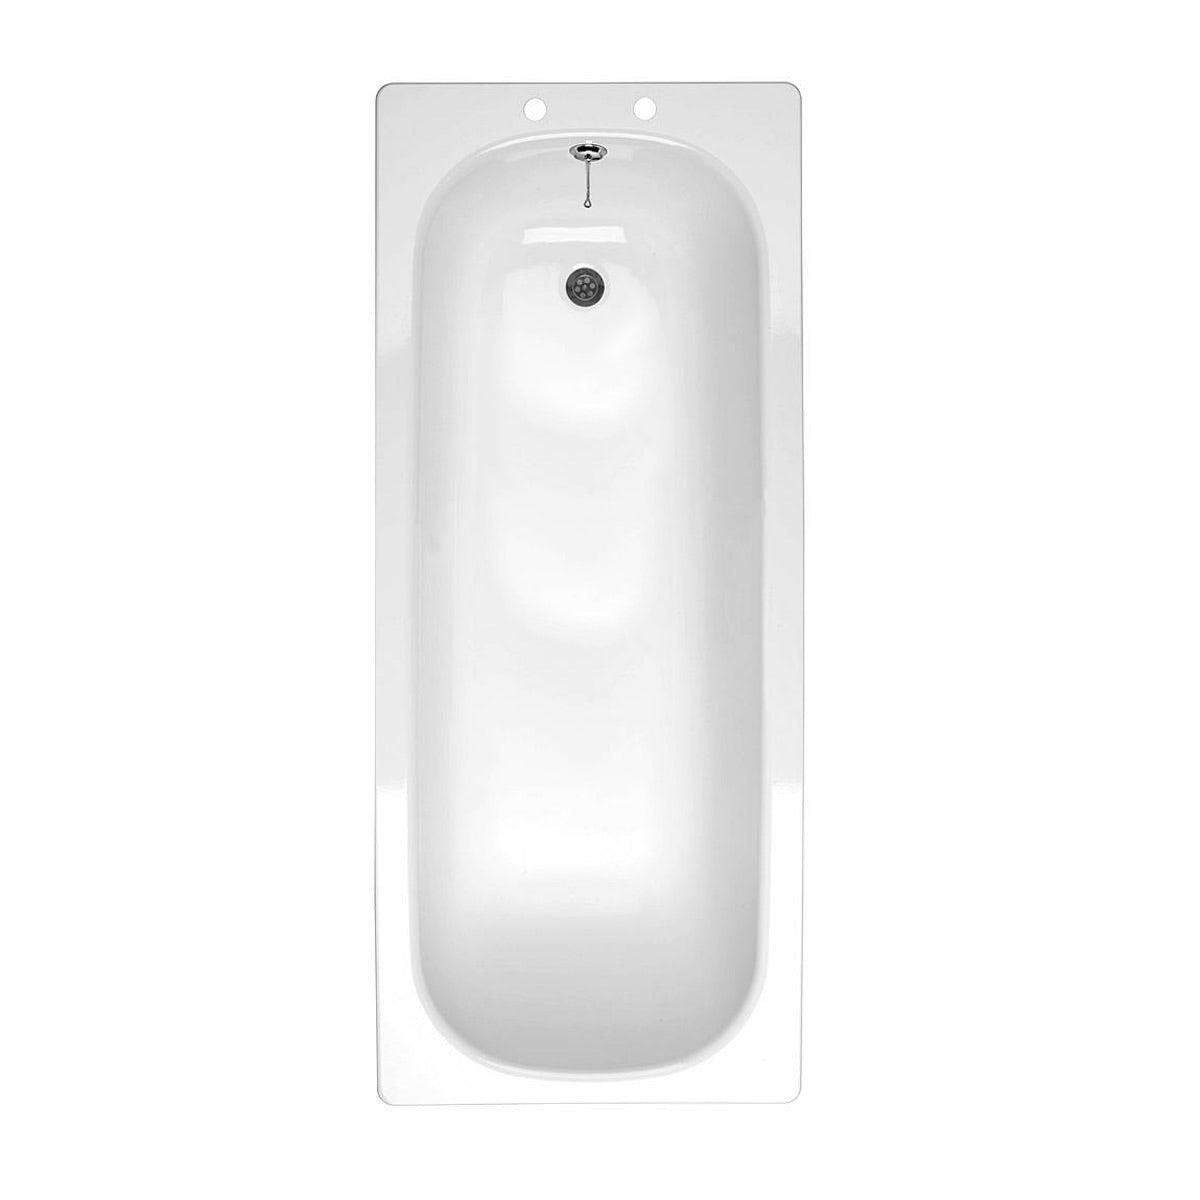 Clarity steel bath 1600 x 700